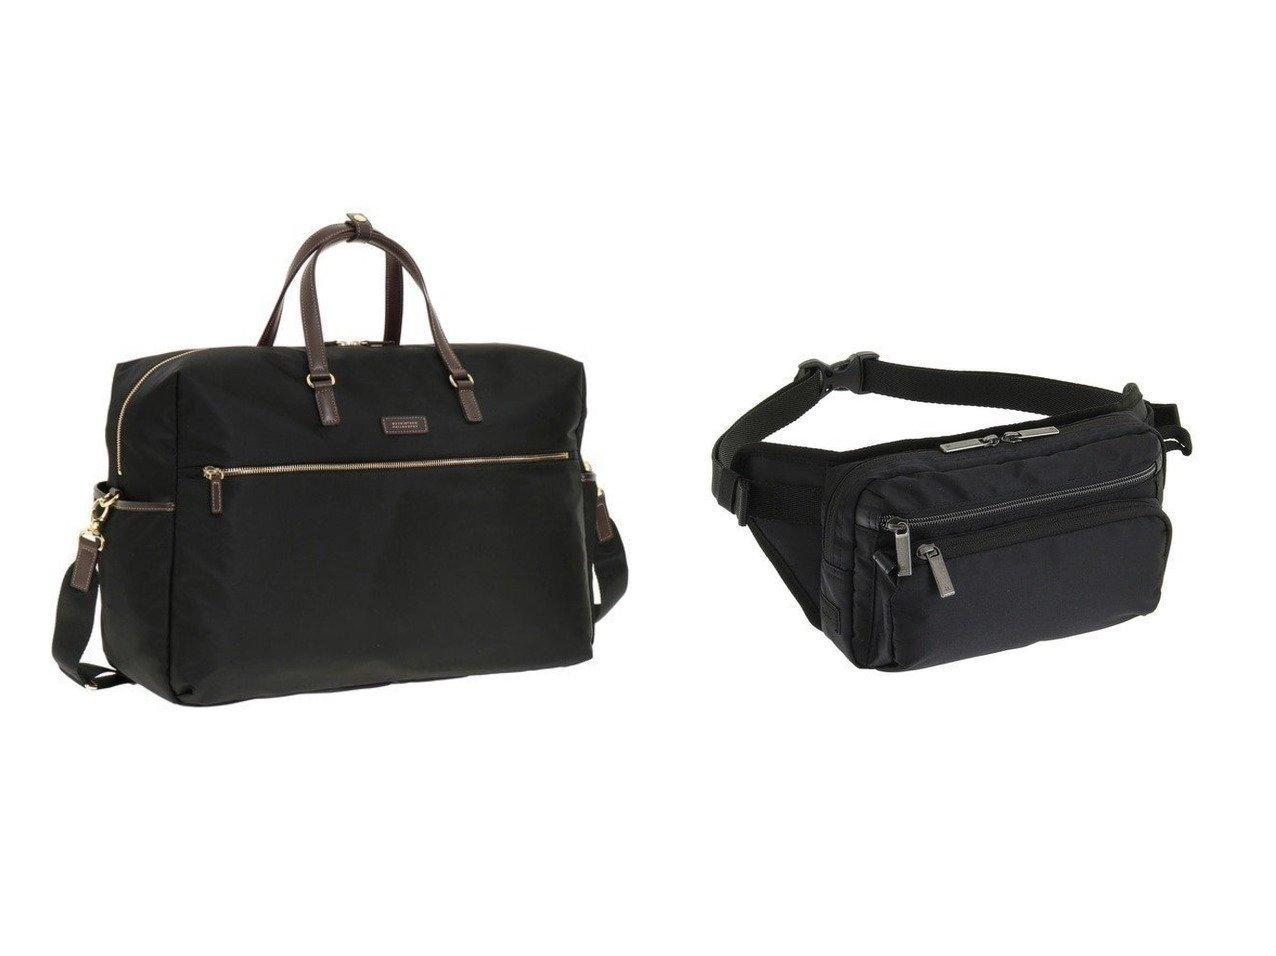 【ACE BAGS & LUGGAGE/エースバッグズアンドラゲッジ】のマッキントッシュ フィロソフィー|アメリア シリーズ ボストンバッグ 1&ace. エース バスティーク2 62562 ウエストポーチ 1リットル ボディバ バッグ・鞄のおすすめ!人気、トレンド・レディースファッションの通販  おすすめで人気の流行・トレンド、ファッションの通販商品 メンズファッション・キッズファッション・インテリア・家具・レディースファッション・服の通販 founy(ファニー) https://founy.com/ ファッション Fashion レディースファッション WOMEN ポーチ Pouches コンパクト フロント ポケット ポーチ メタリック メッシュ 軽量 シンプル スマホ ボストンバッグ 人気 |ID:crp329100000009109